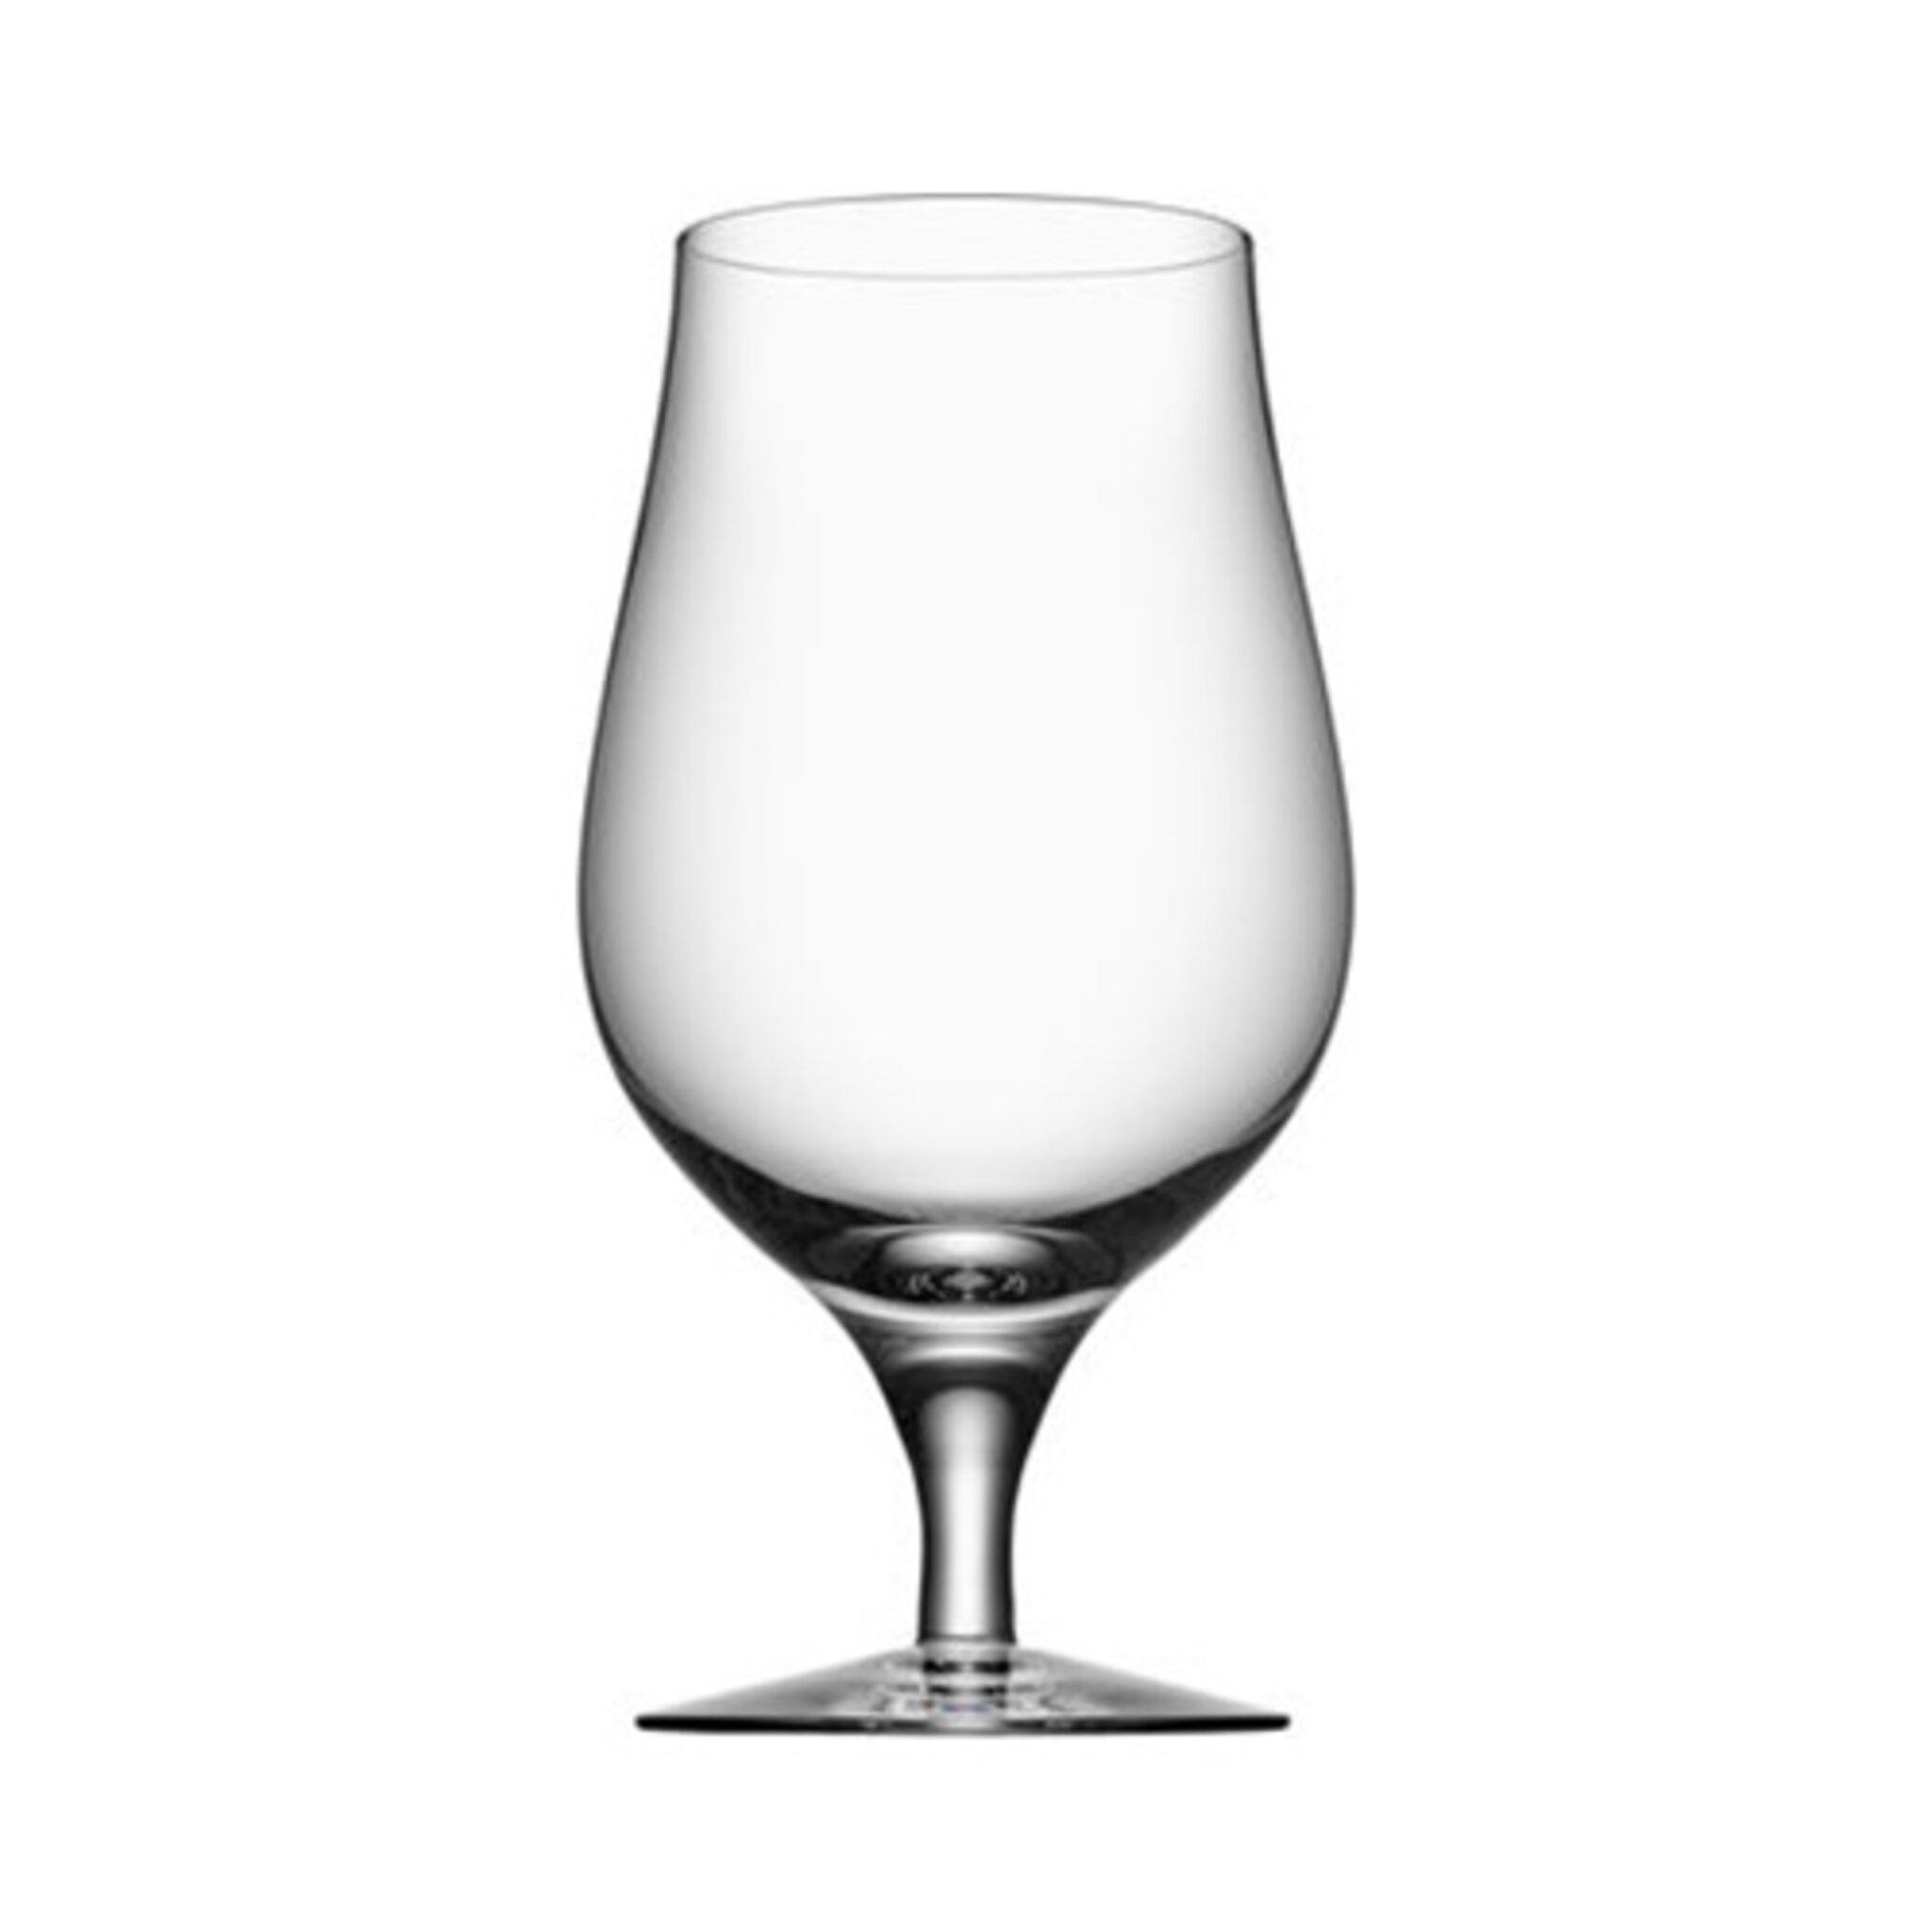 Ölglas More 47 cl 2-pack 47CL